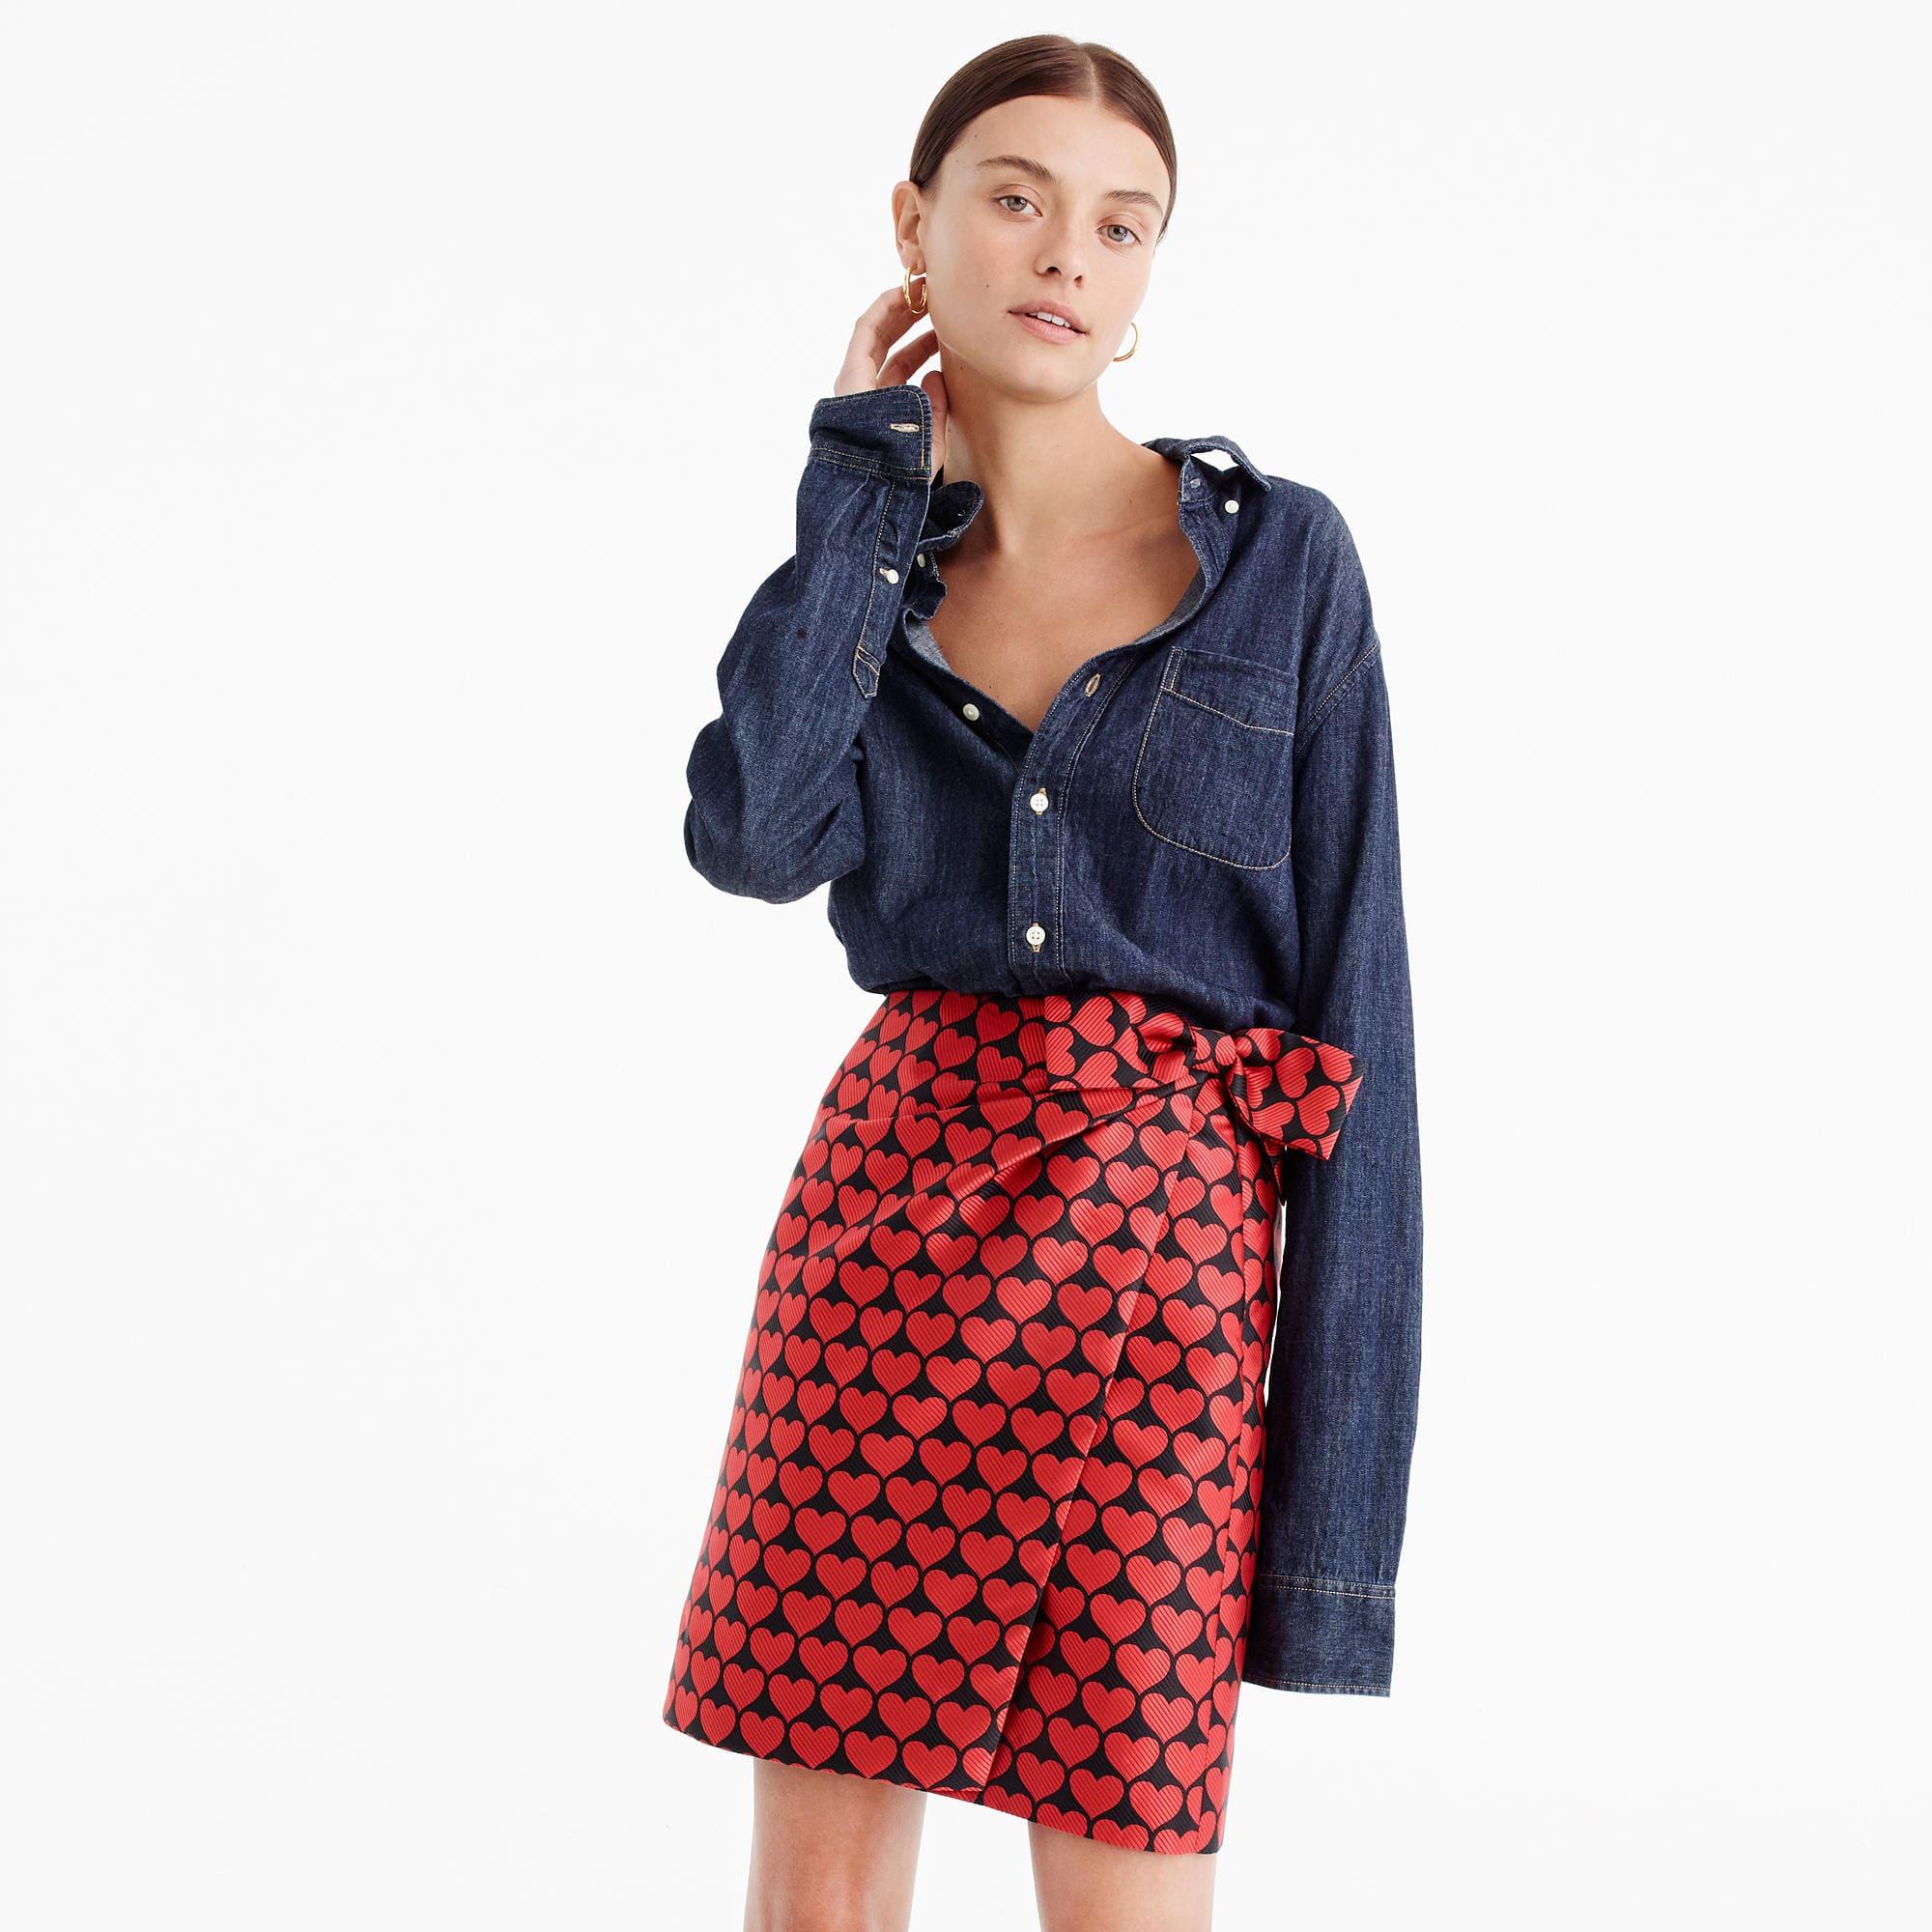 J. Crew Heart Skirt, $58